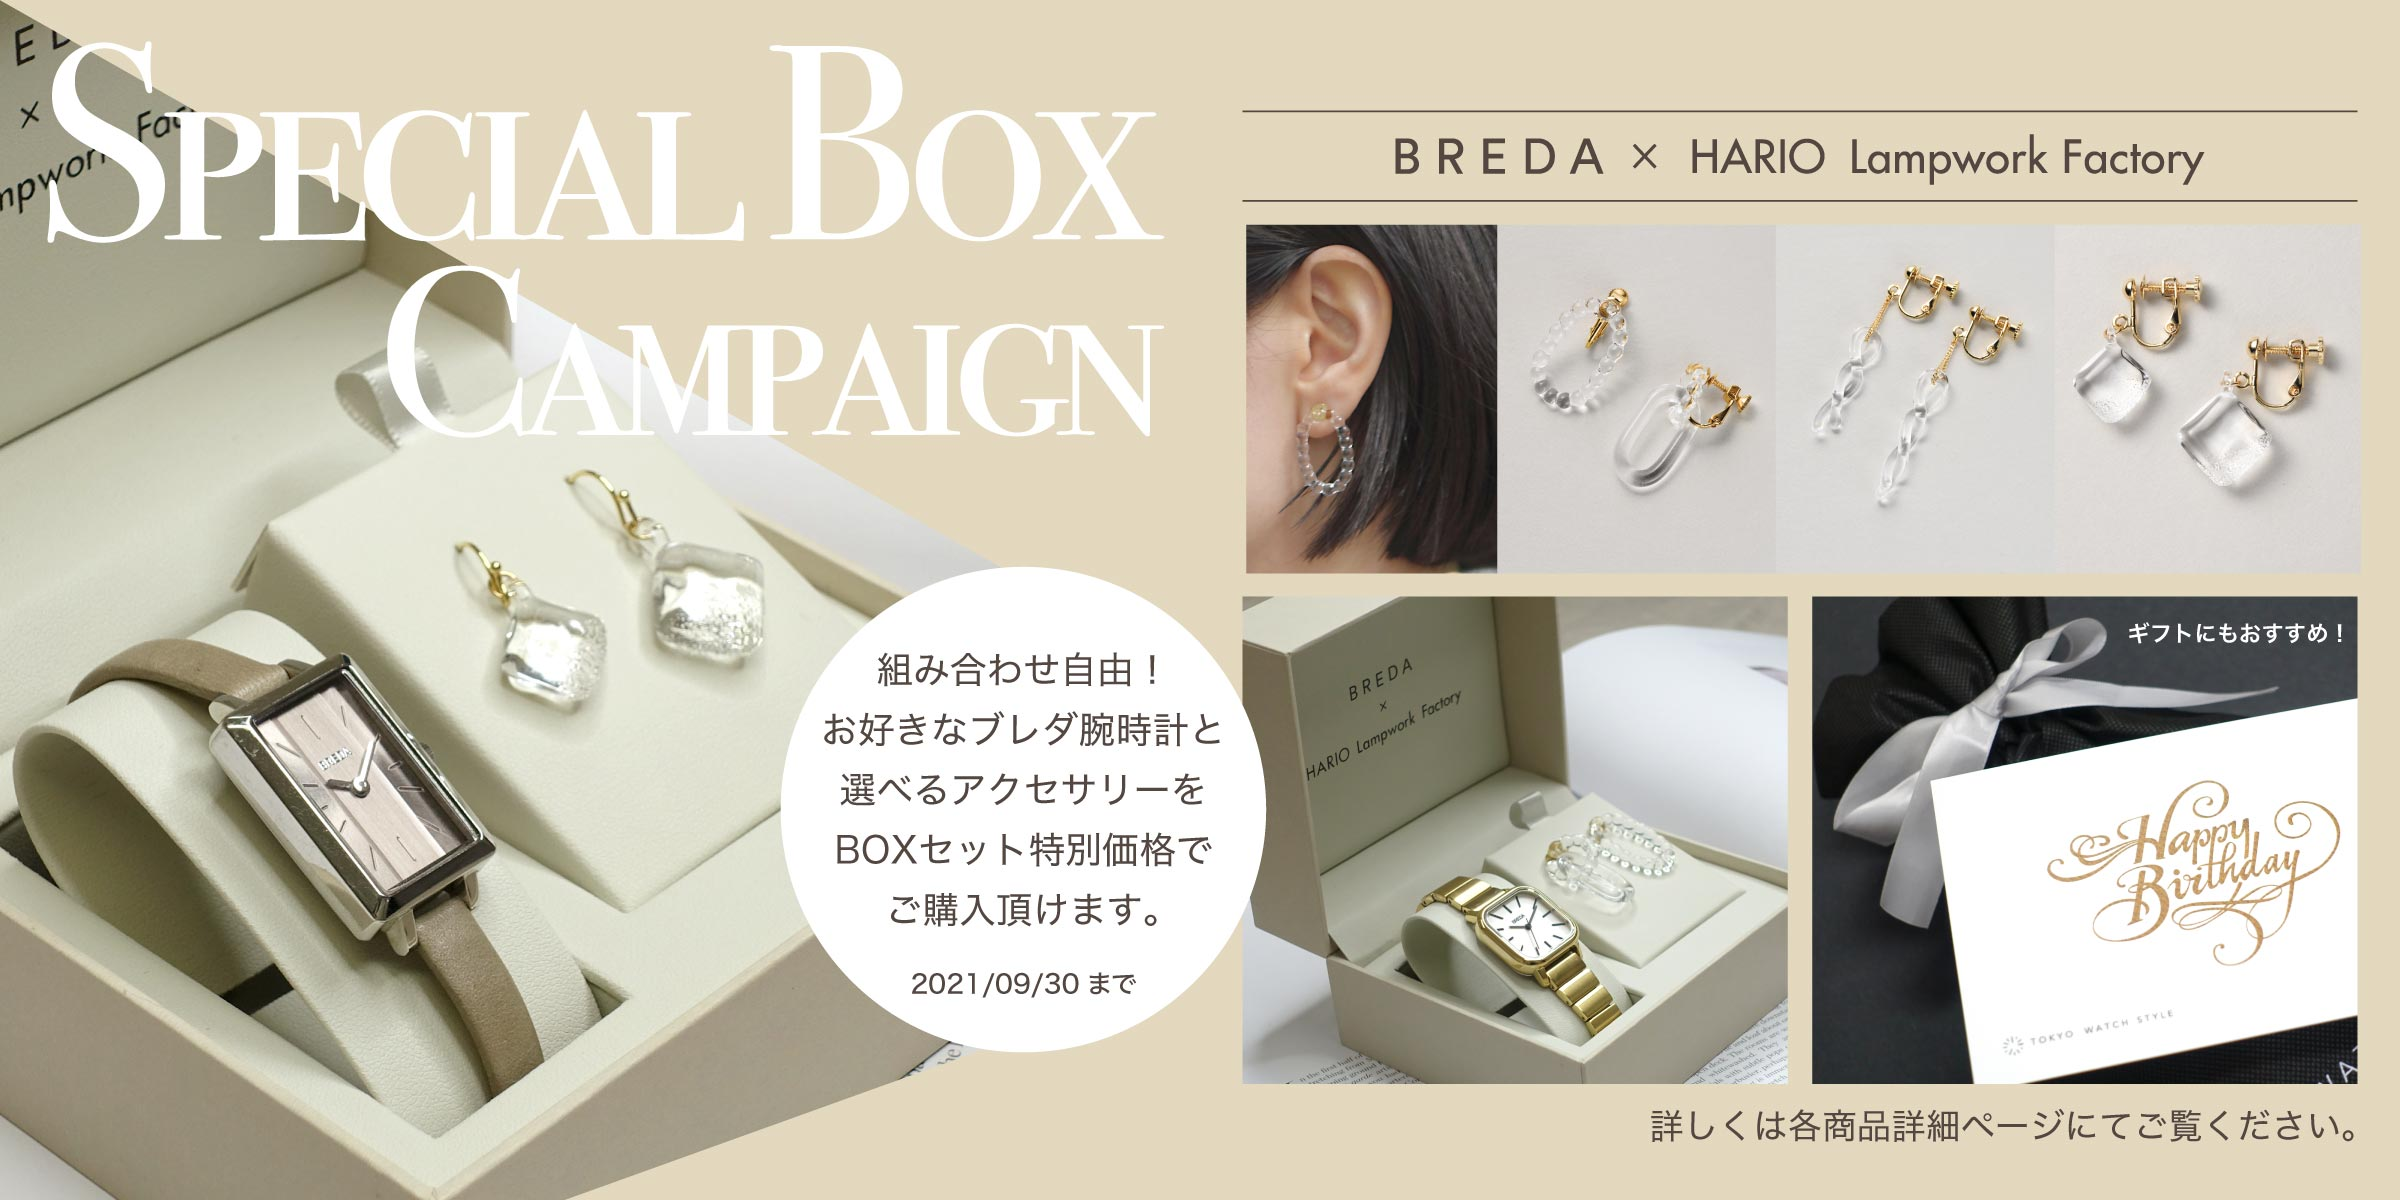 BREDA SPECIAL BOX CAMPAIGN